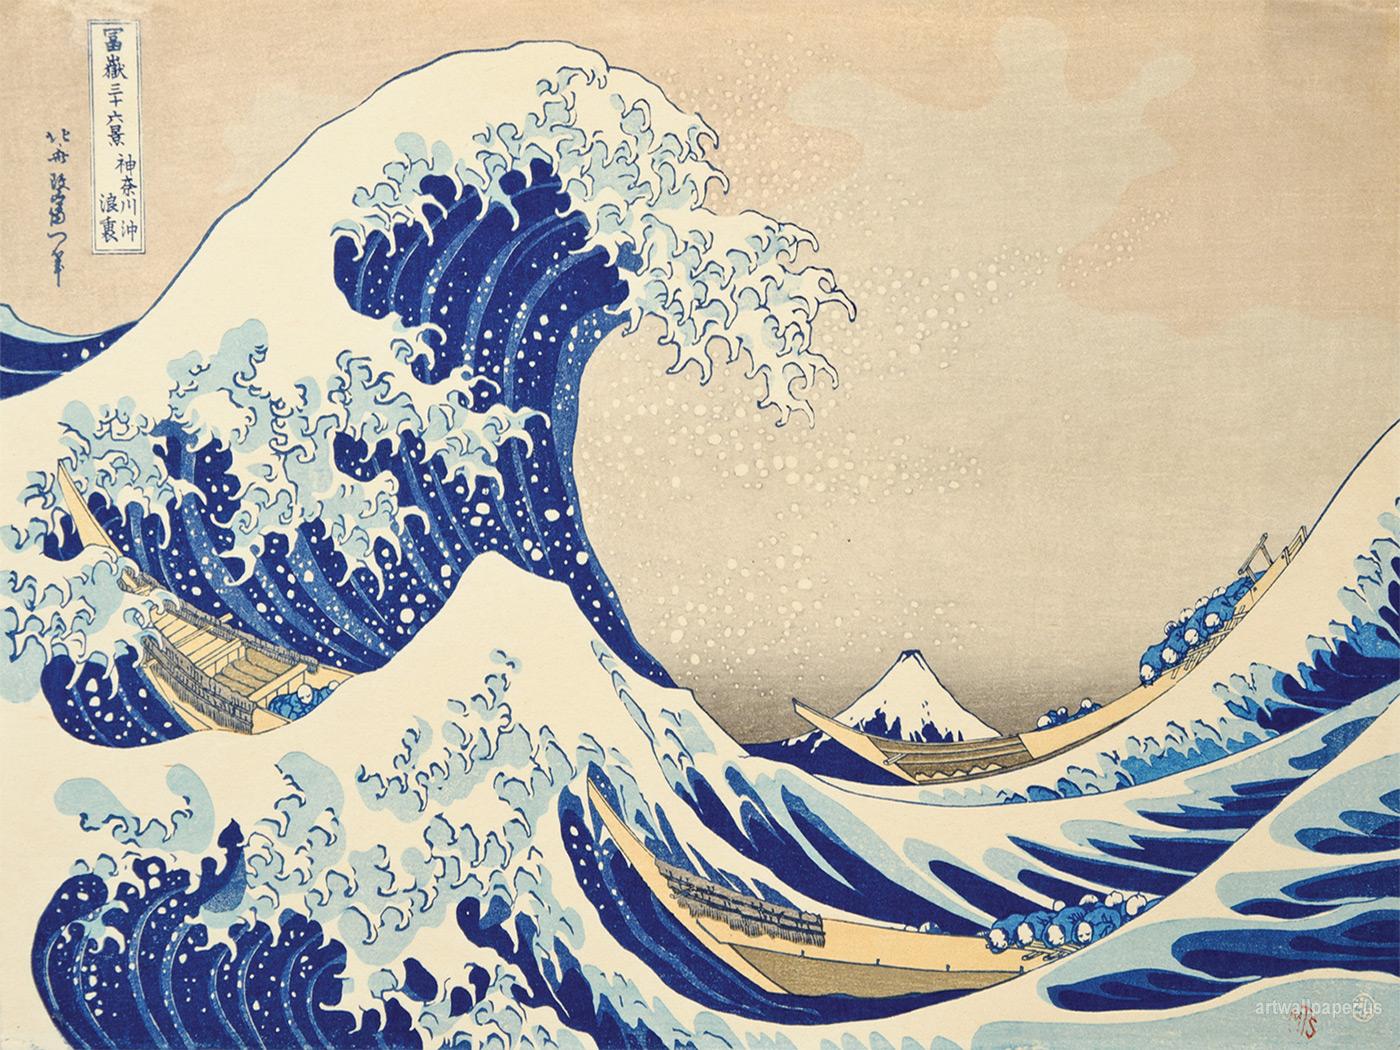 hokusai katsushika hokusai katsushika hokusai katsushika hokusai 1400x1050